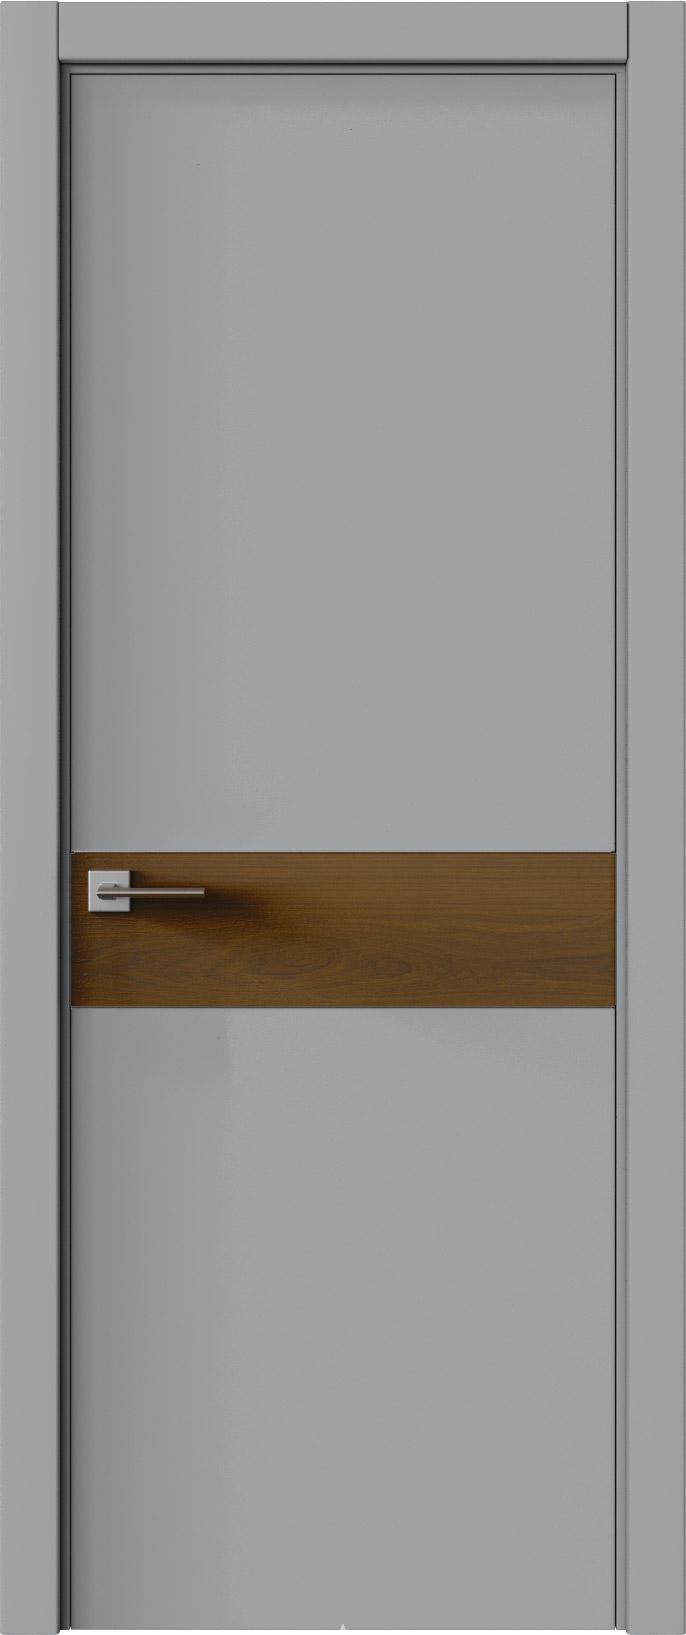 Tivoli И-4 цвет - Серебристо-серая эмаль (RAL 7045) Без стекла (ДГ)